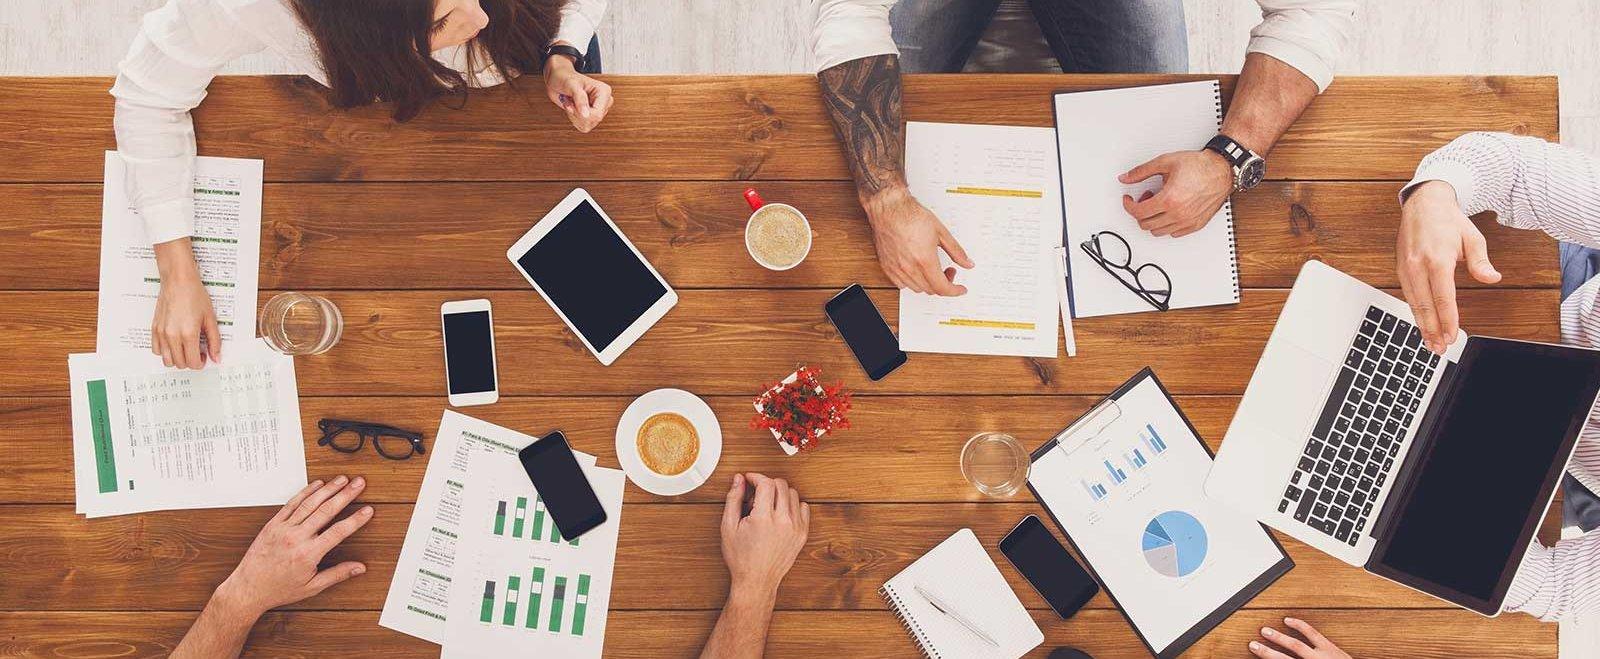 Start-ups und Konzerne können ideale Partner sein